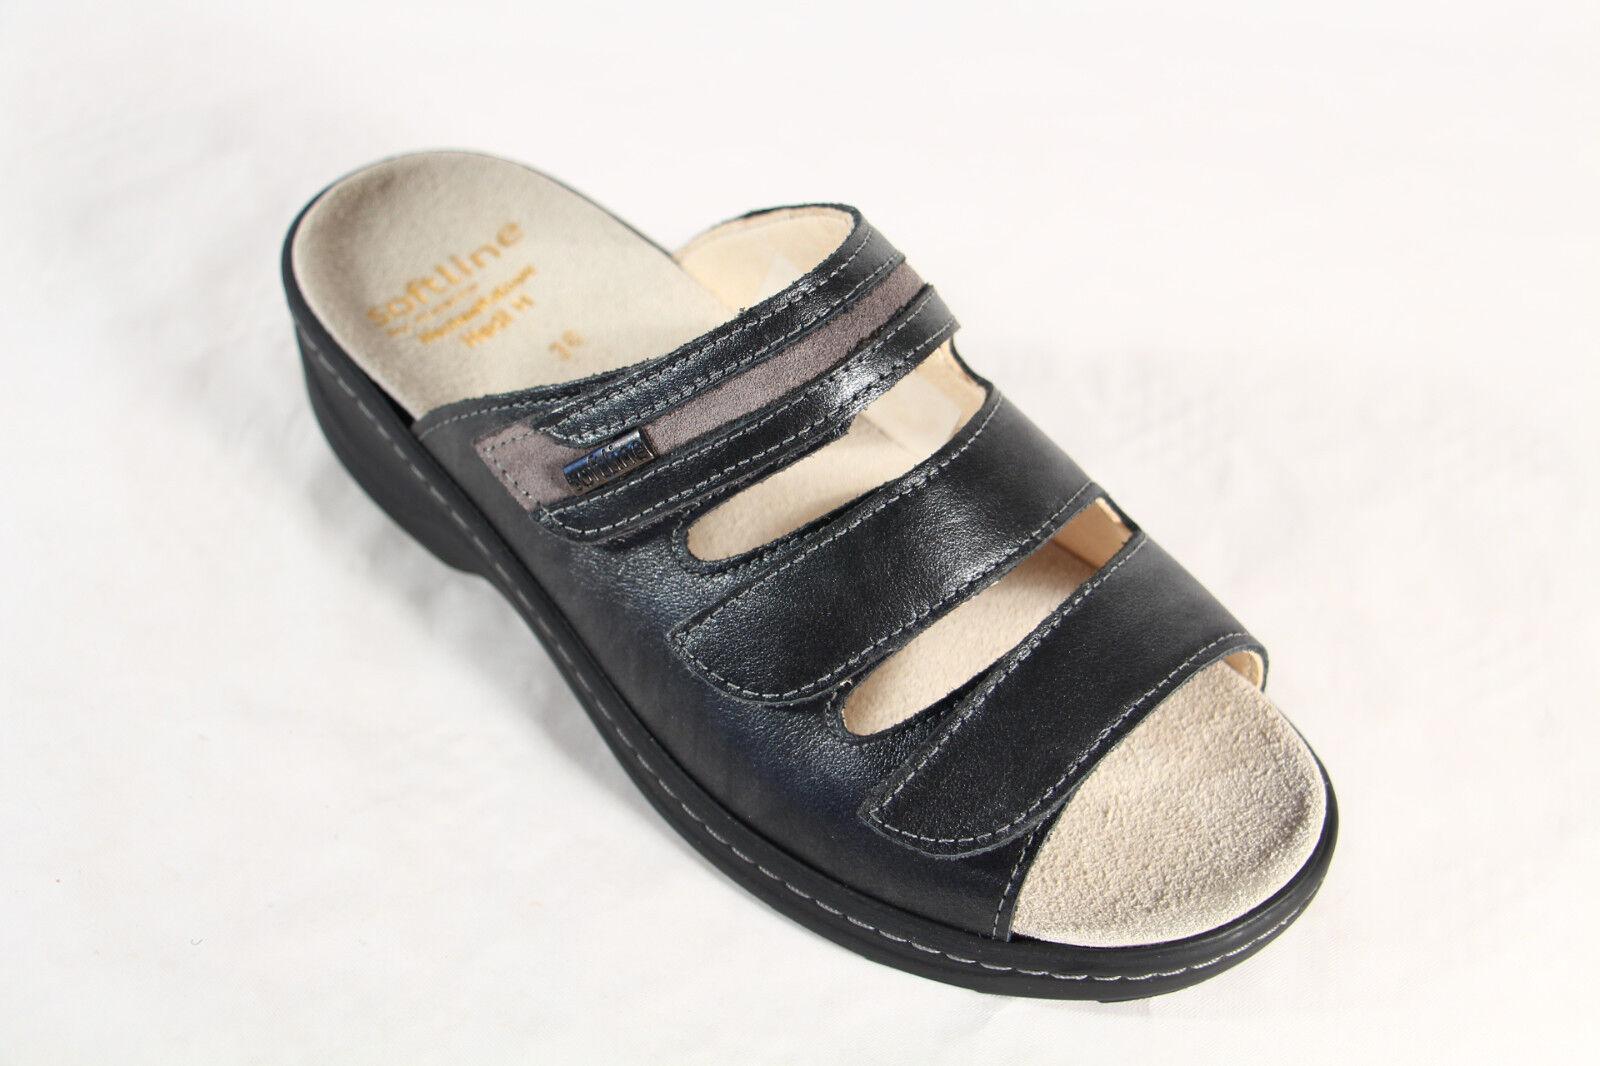 Fidelio Soft Line Damen Pantolette Pantoletten Pantoffel Echtleder 23423  NEU!